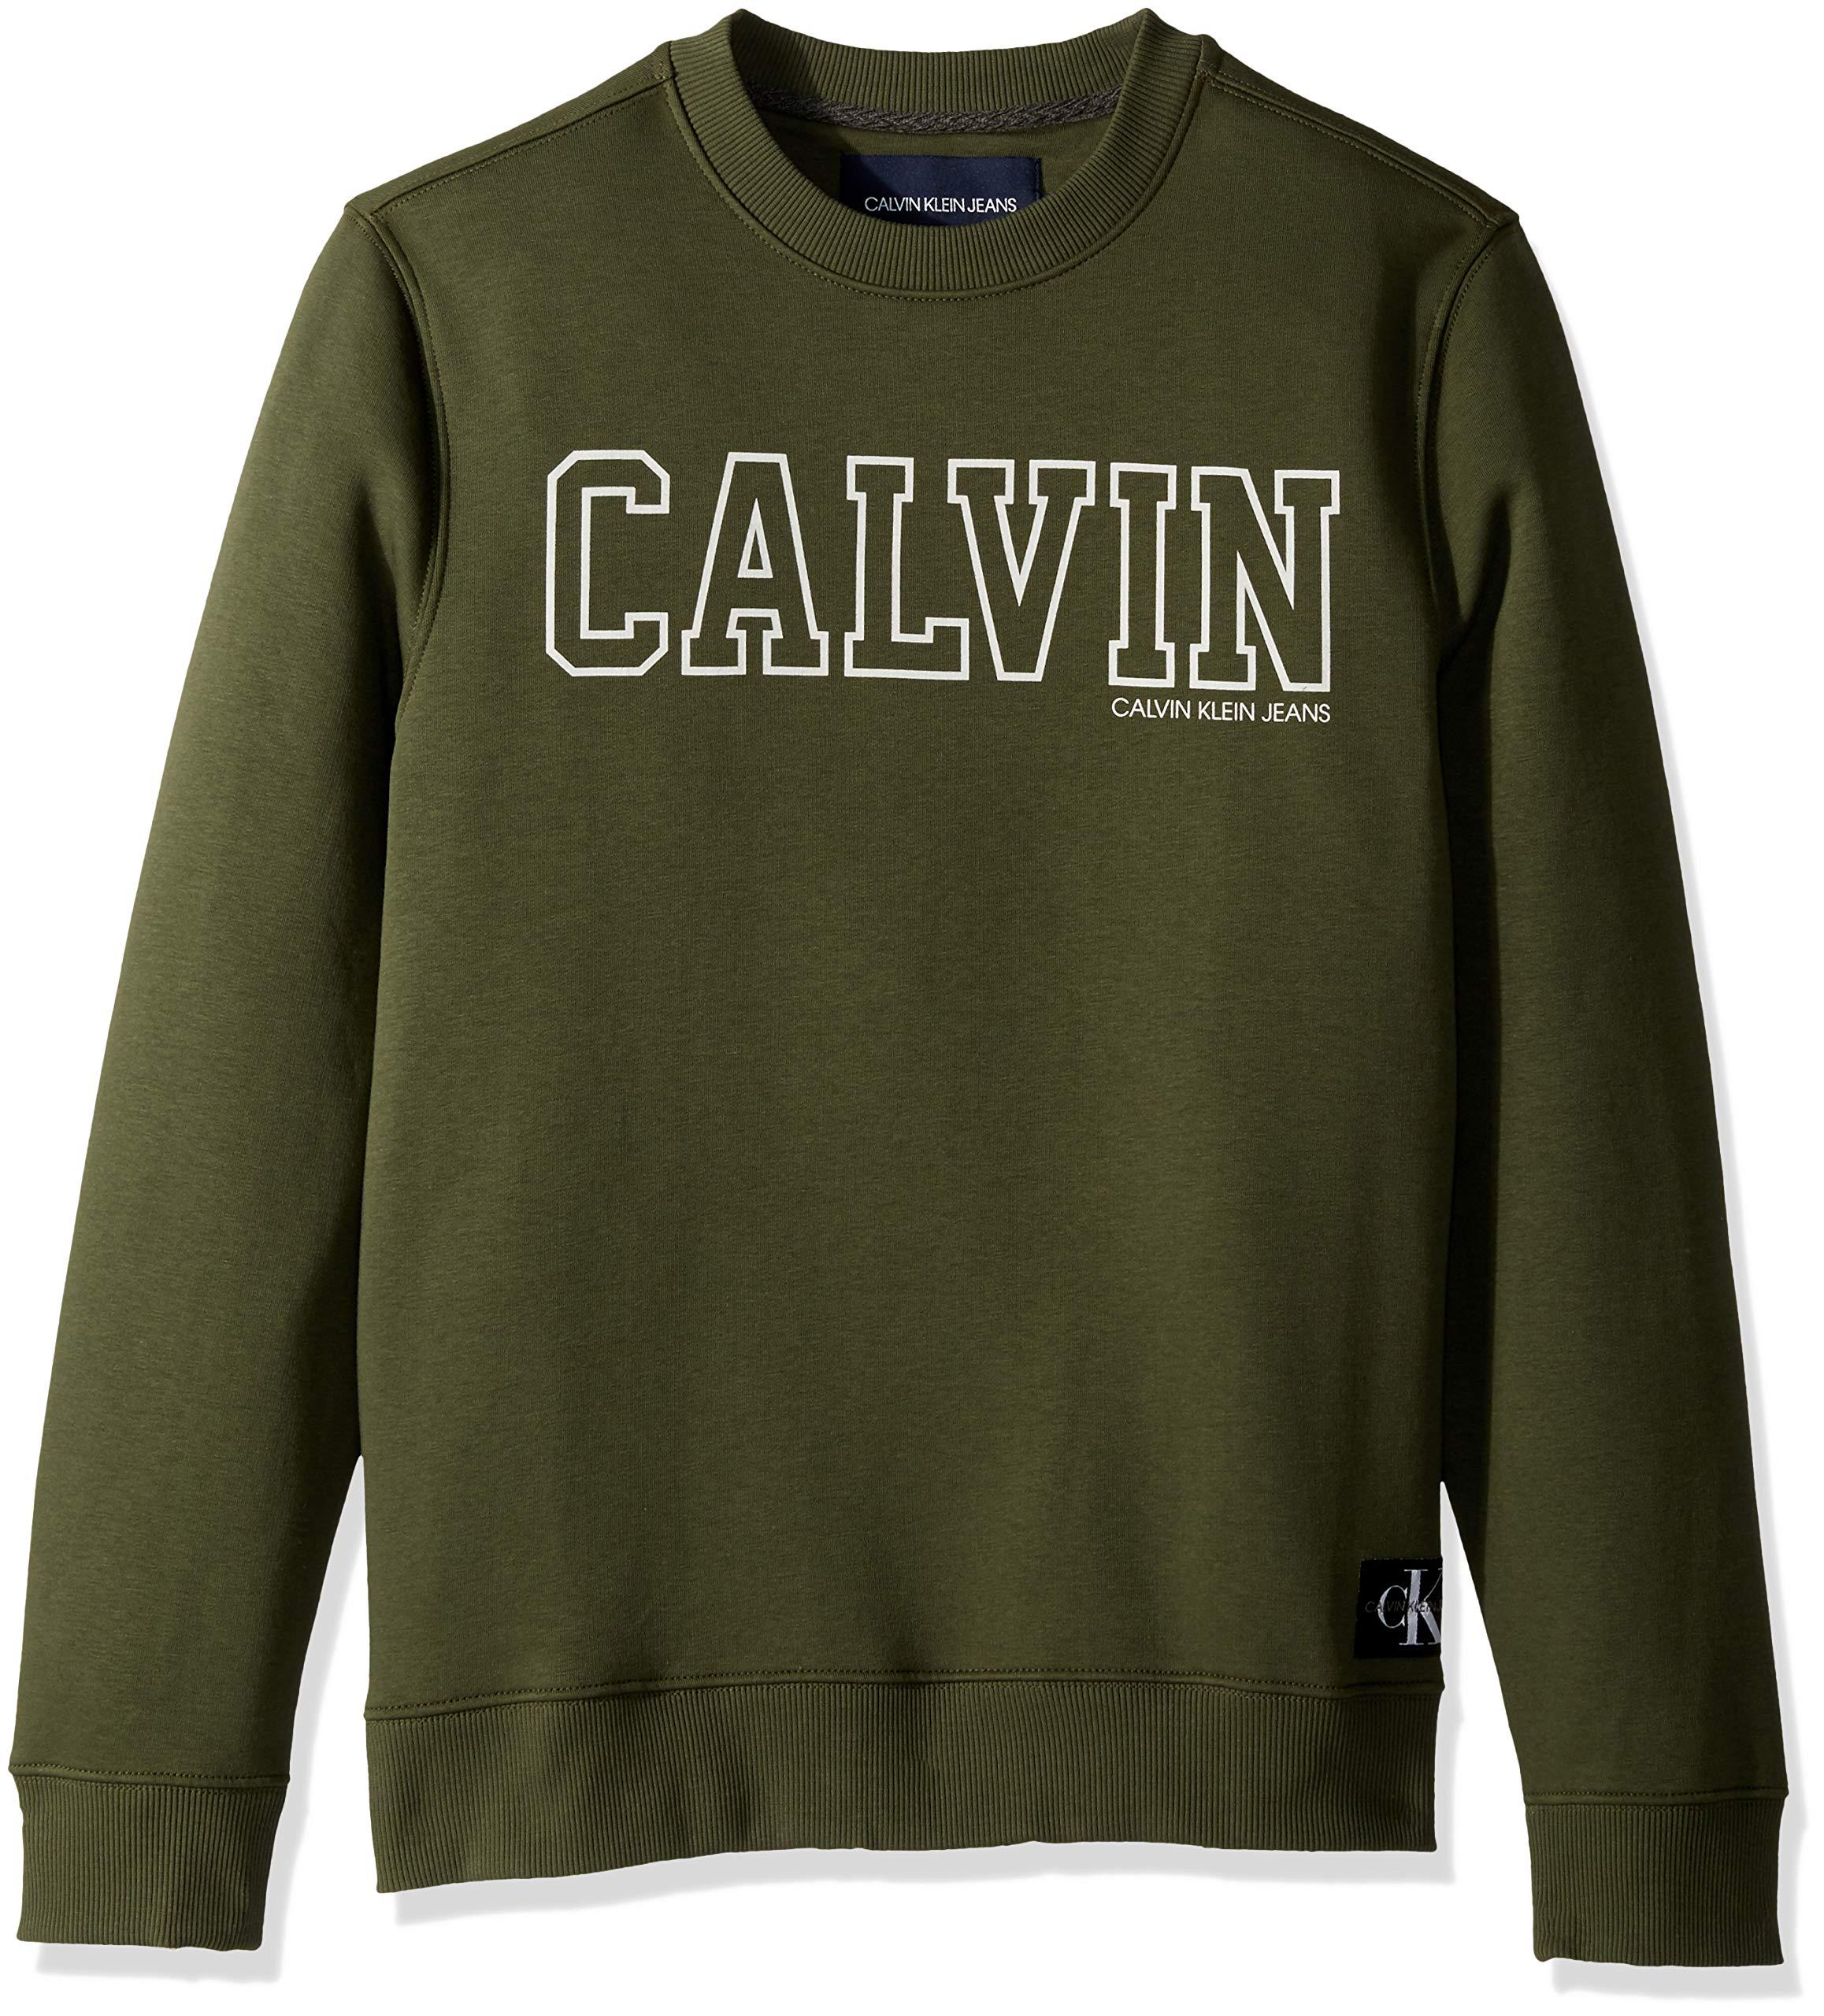 Calvin Klein Jeans Men's Crew Neck Sweatshirt with